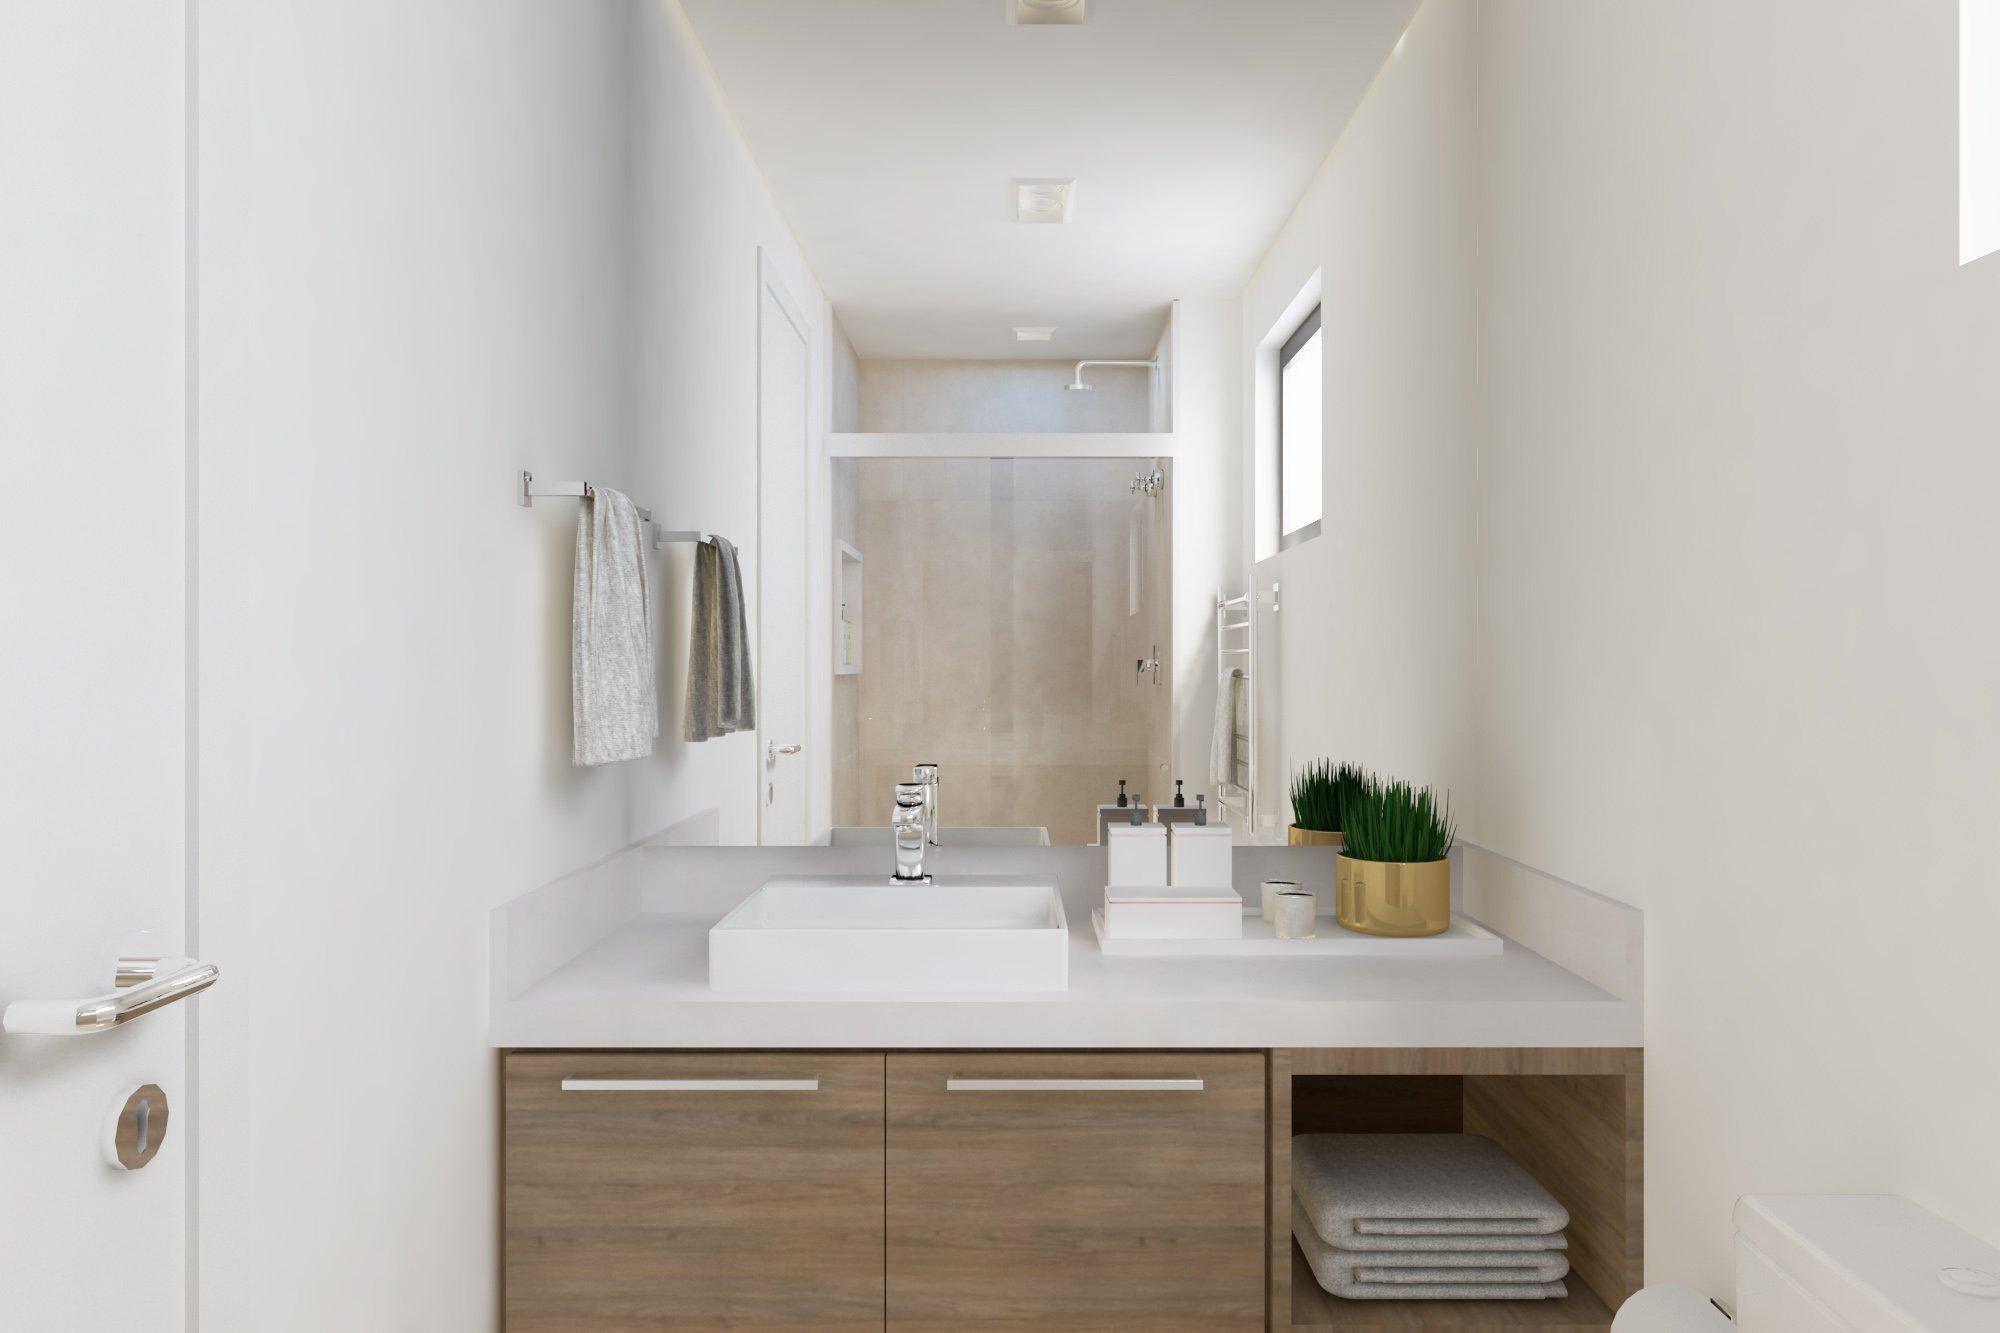 Foto de Banheiro com vaso de planta, pia, xícara